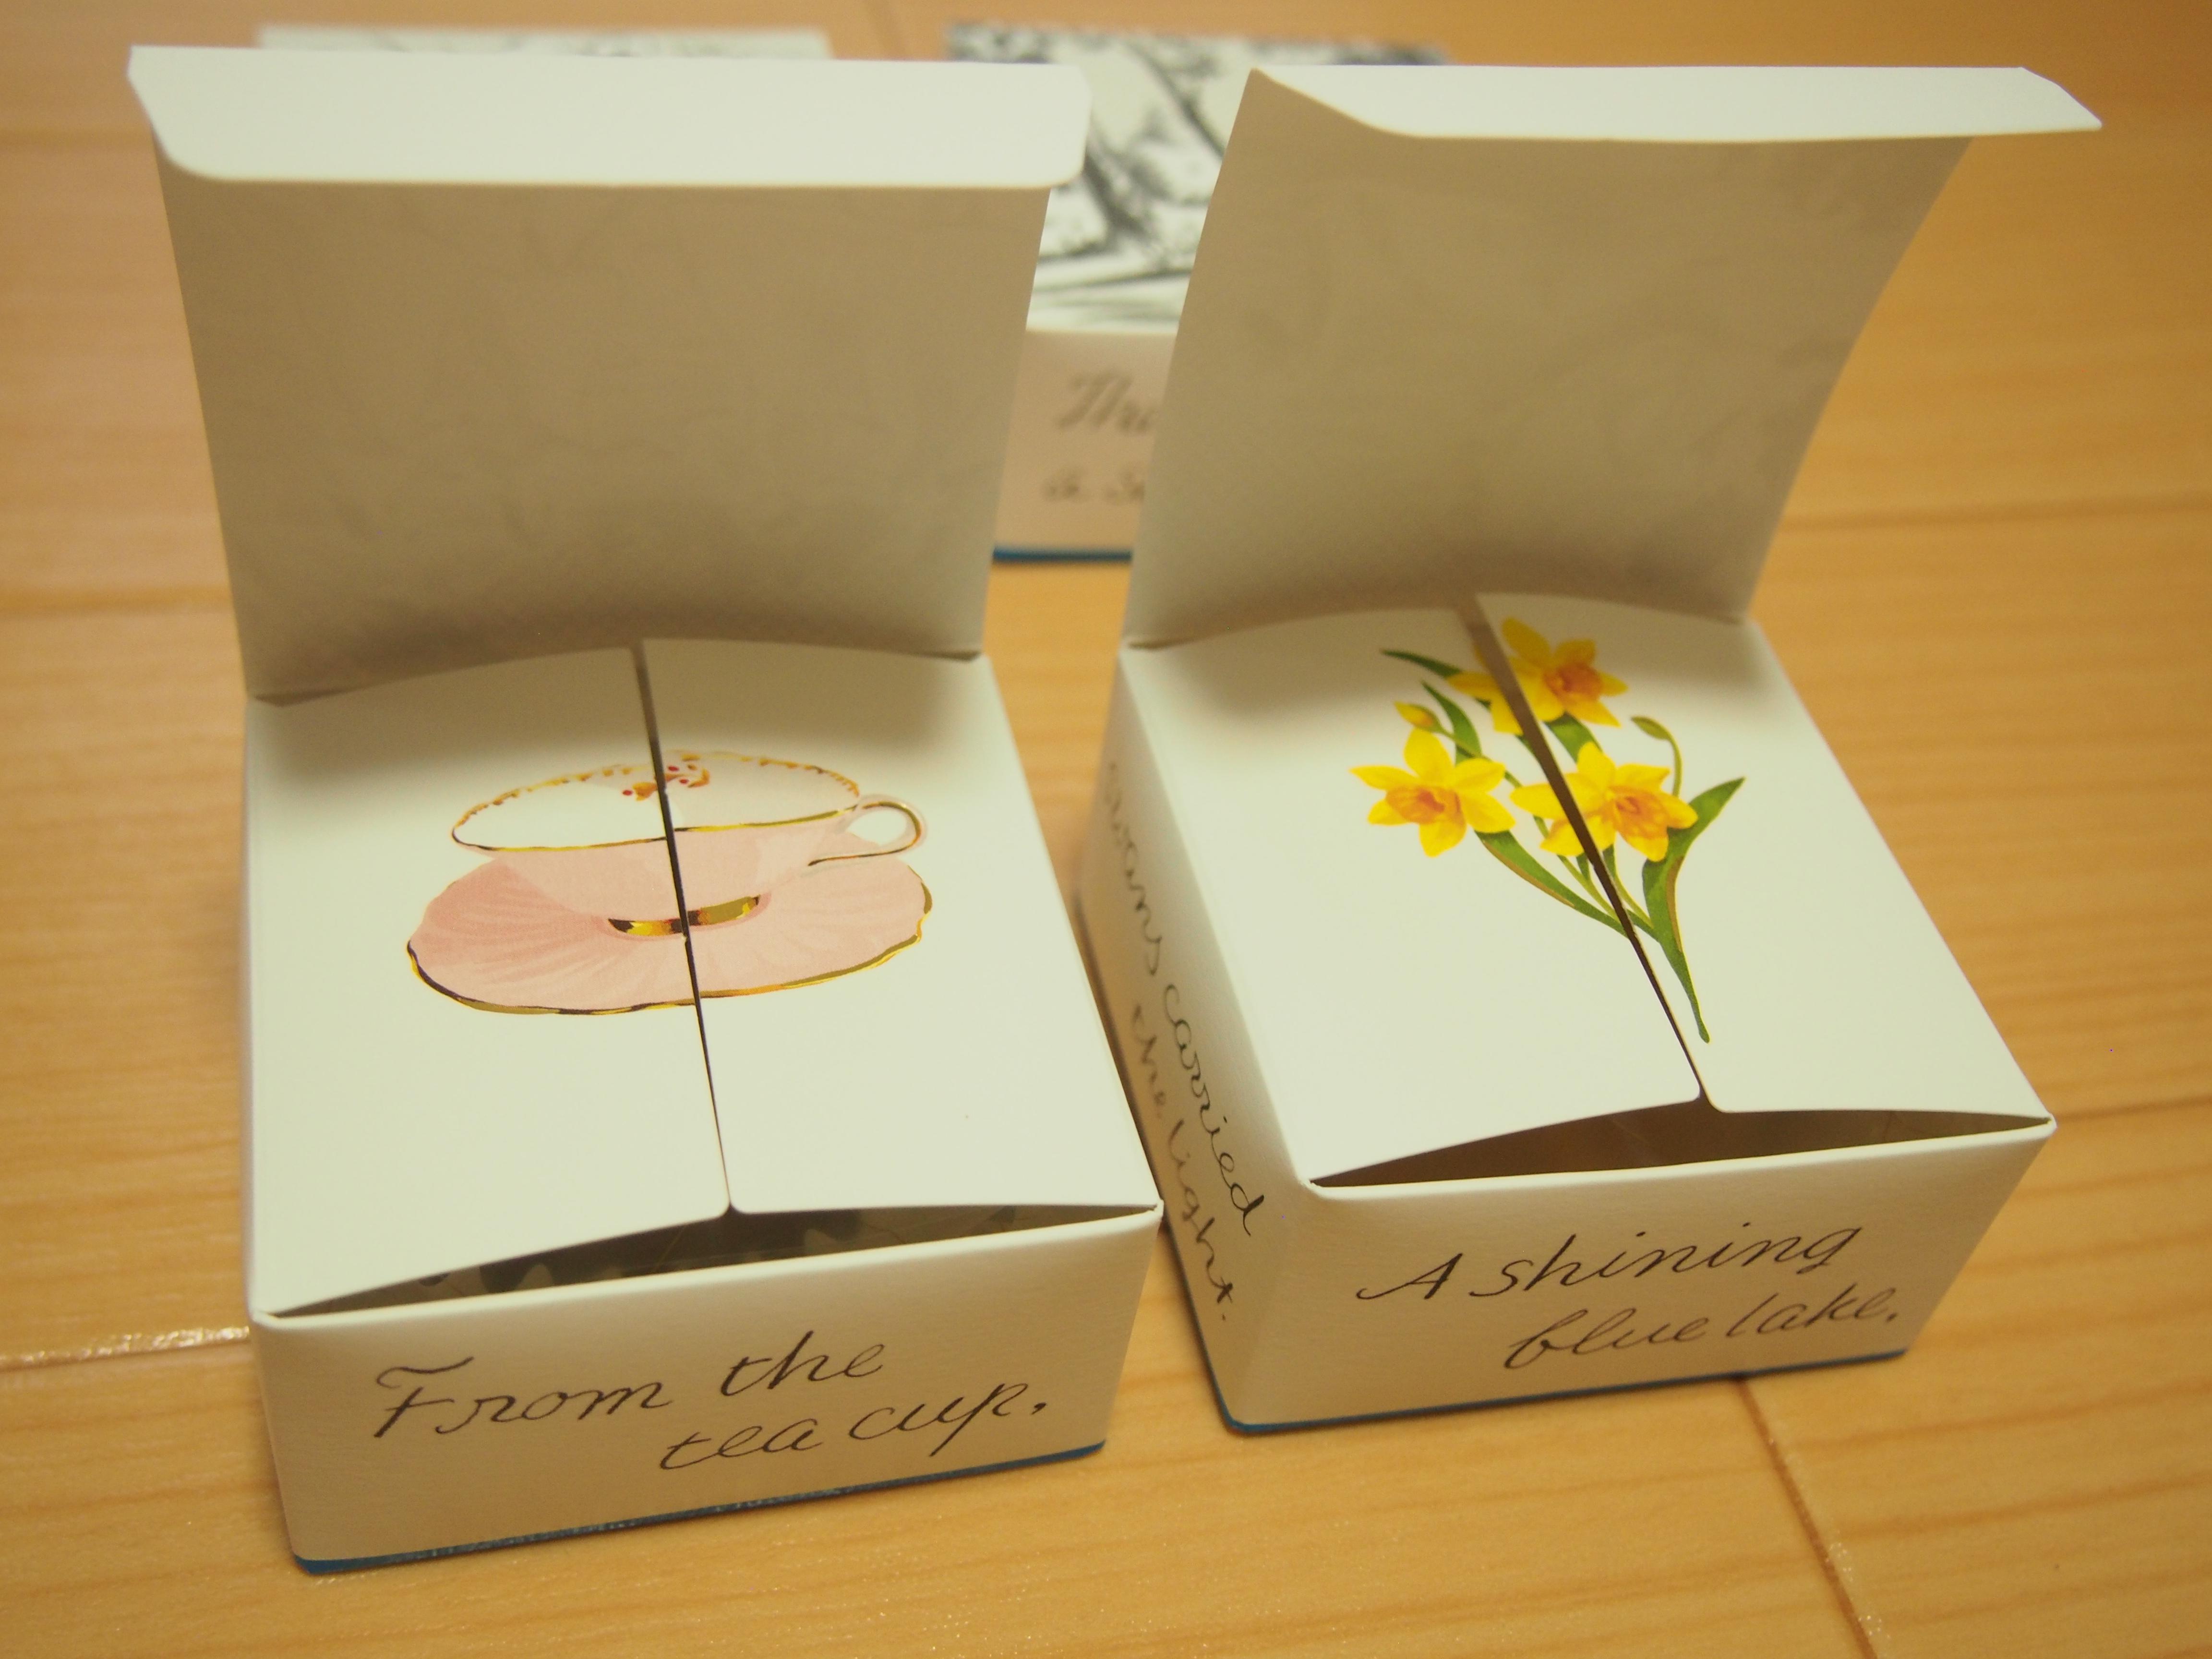 全国に先駆け名古屋に!人気チョコ専門店発の新ブランド「RURU MARY'S」 - PA032391